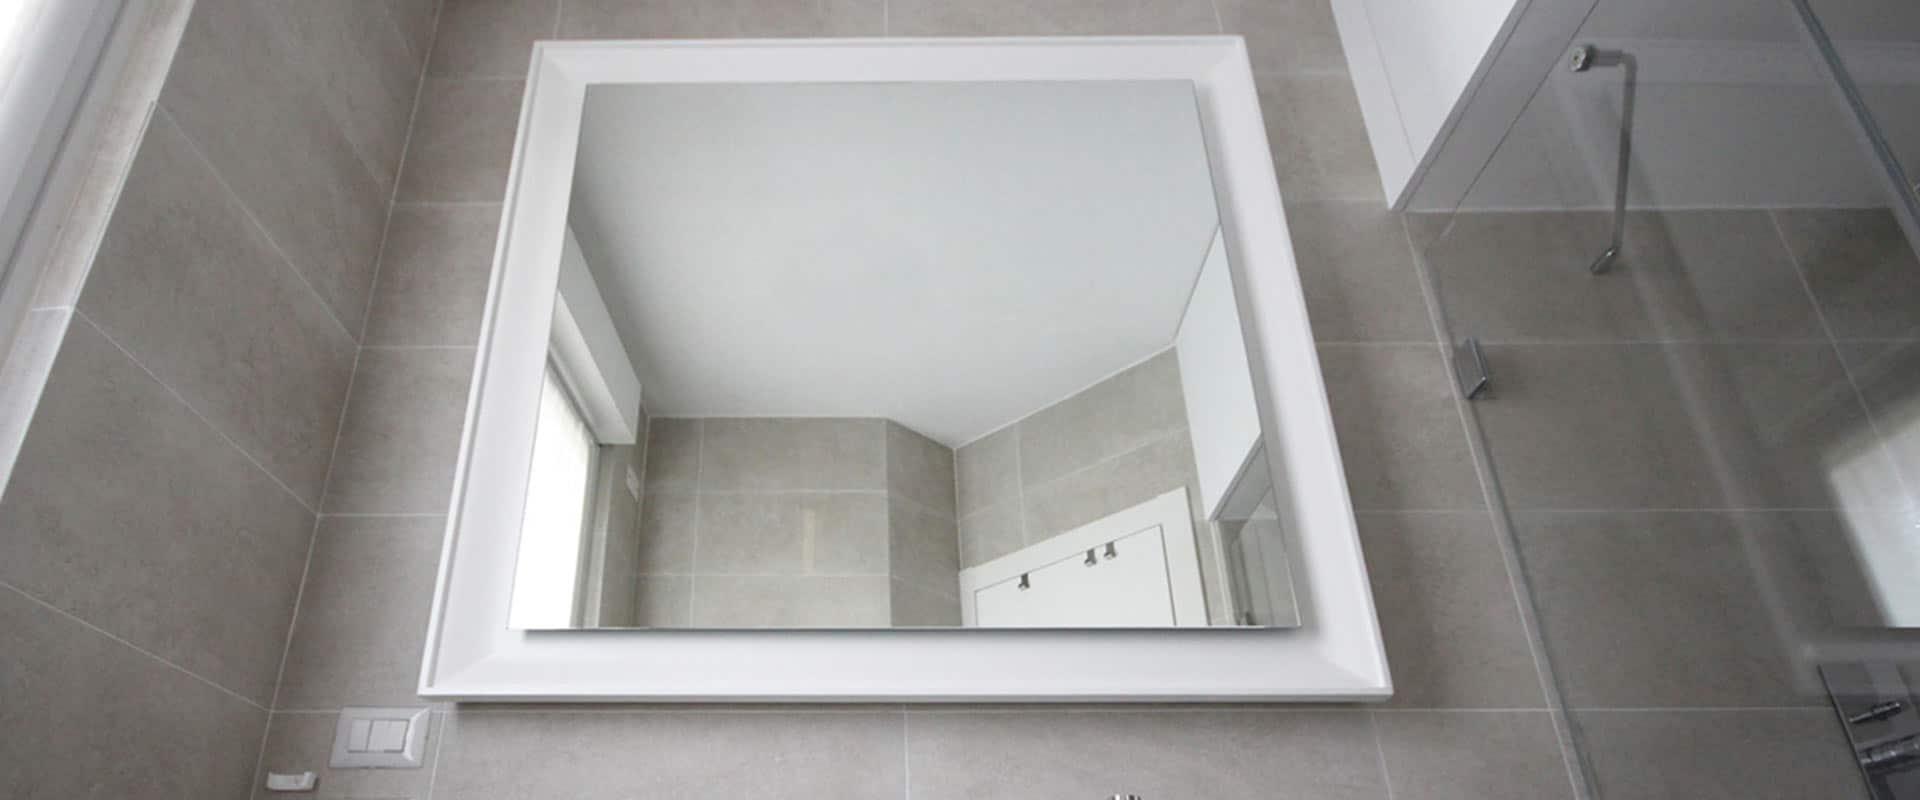 Specchio Retroilluminato di Design Artigianale JFD Milano